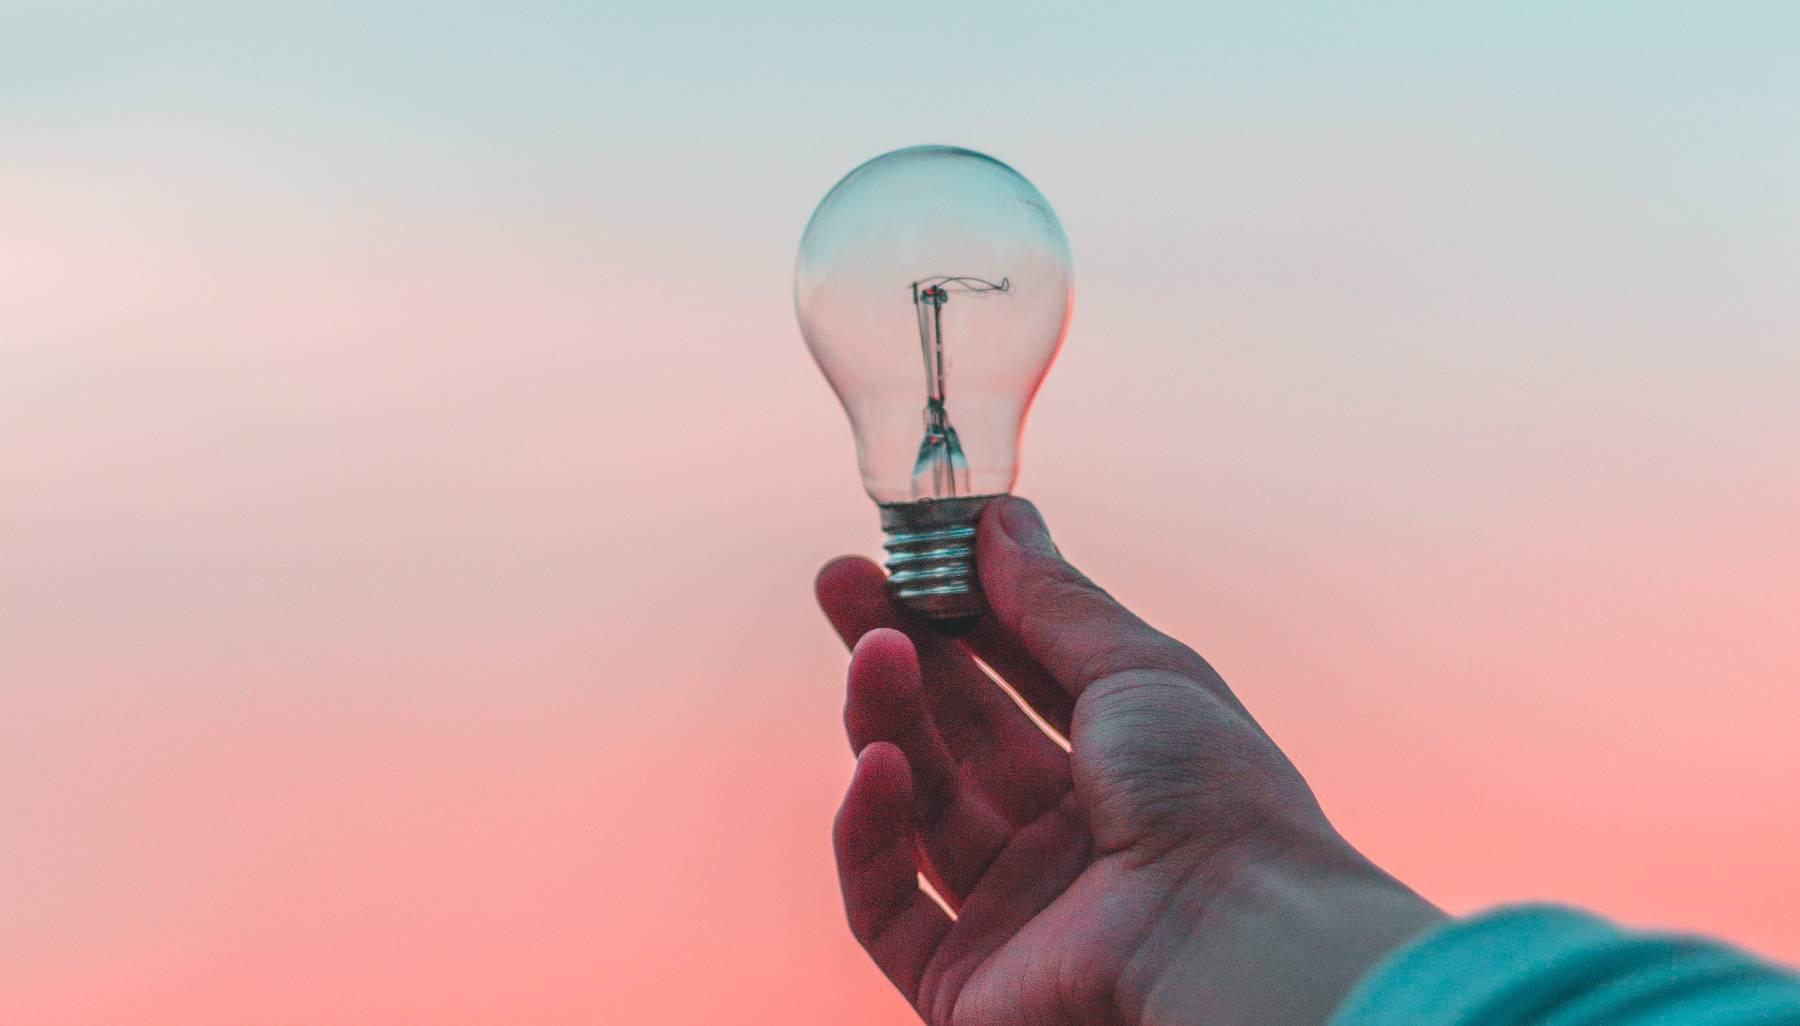 Odit-e réussit une levée de près de 2M€ (dont la moitié en equity) pour développer son offre à l'international à travers un réseau d'intégrateurs, et permettre notamment aux pays en voie de développement de réduire leur fracture énergétique